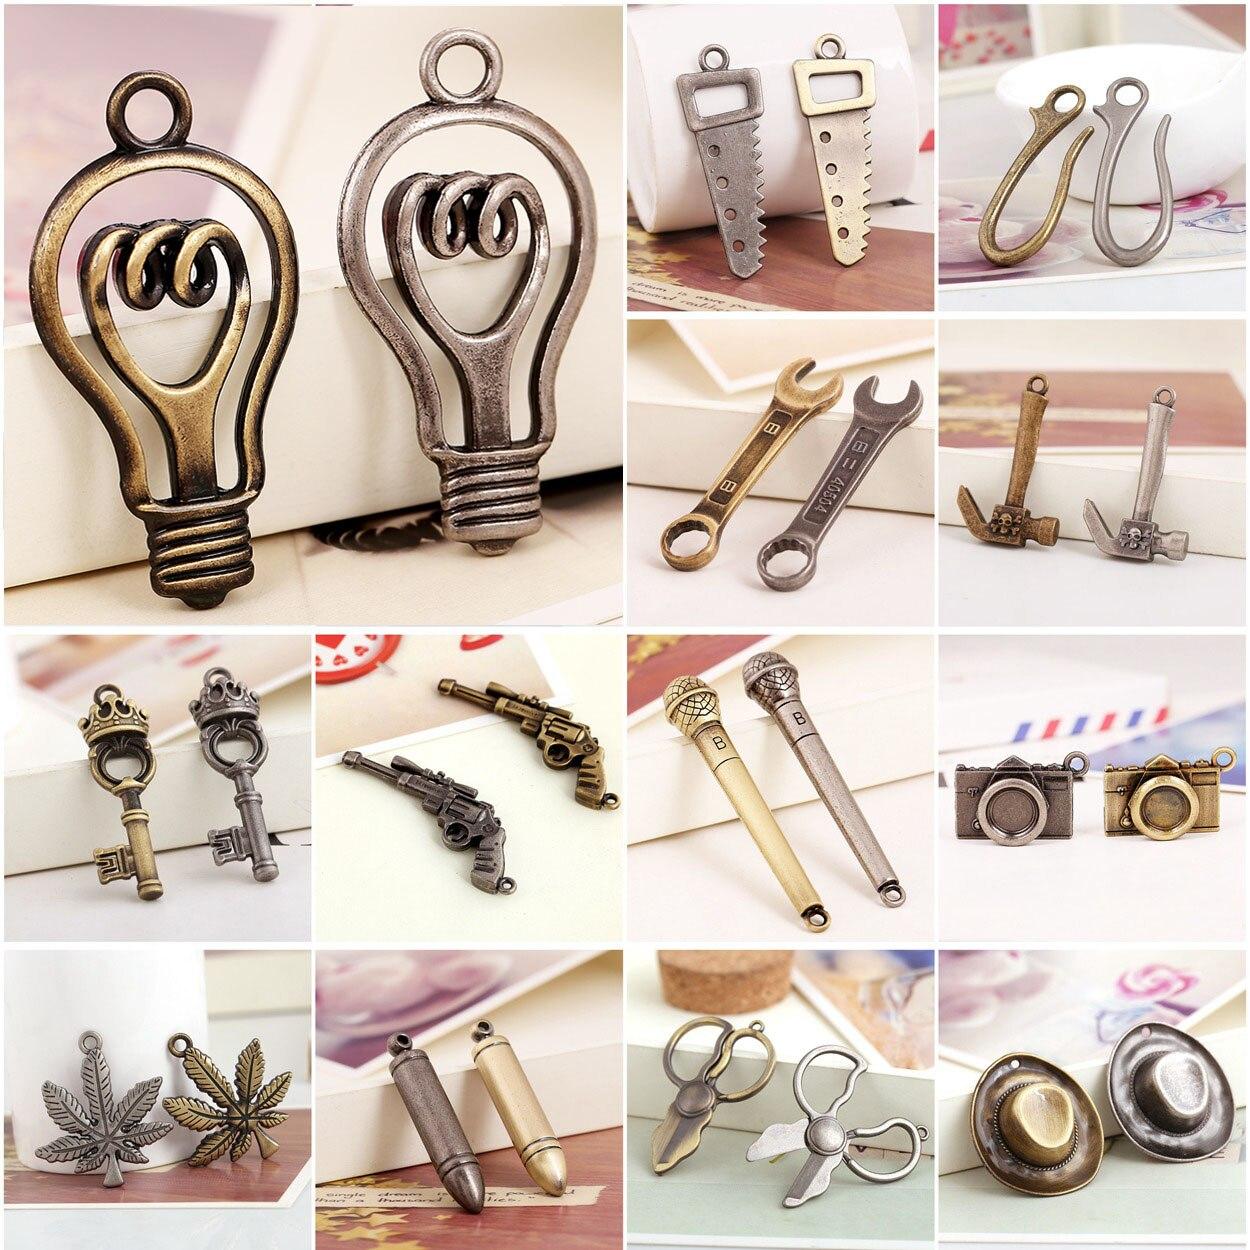 2 uds. De abalorios de aleación de Metal Retro, joyería, pulsera, fabricación...